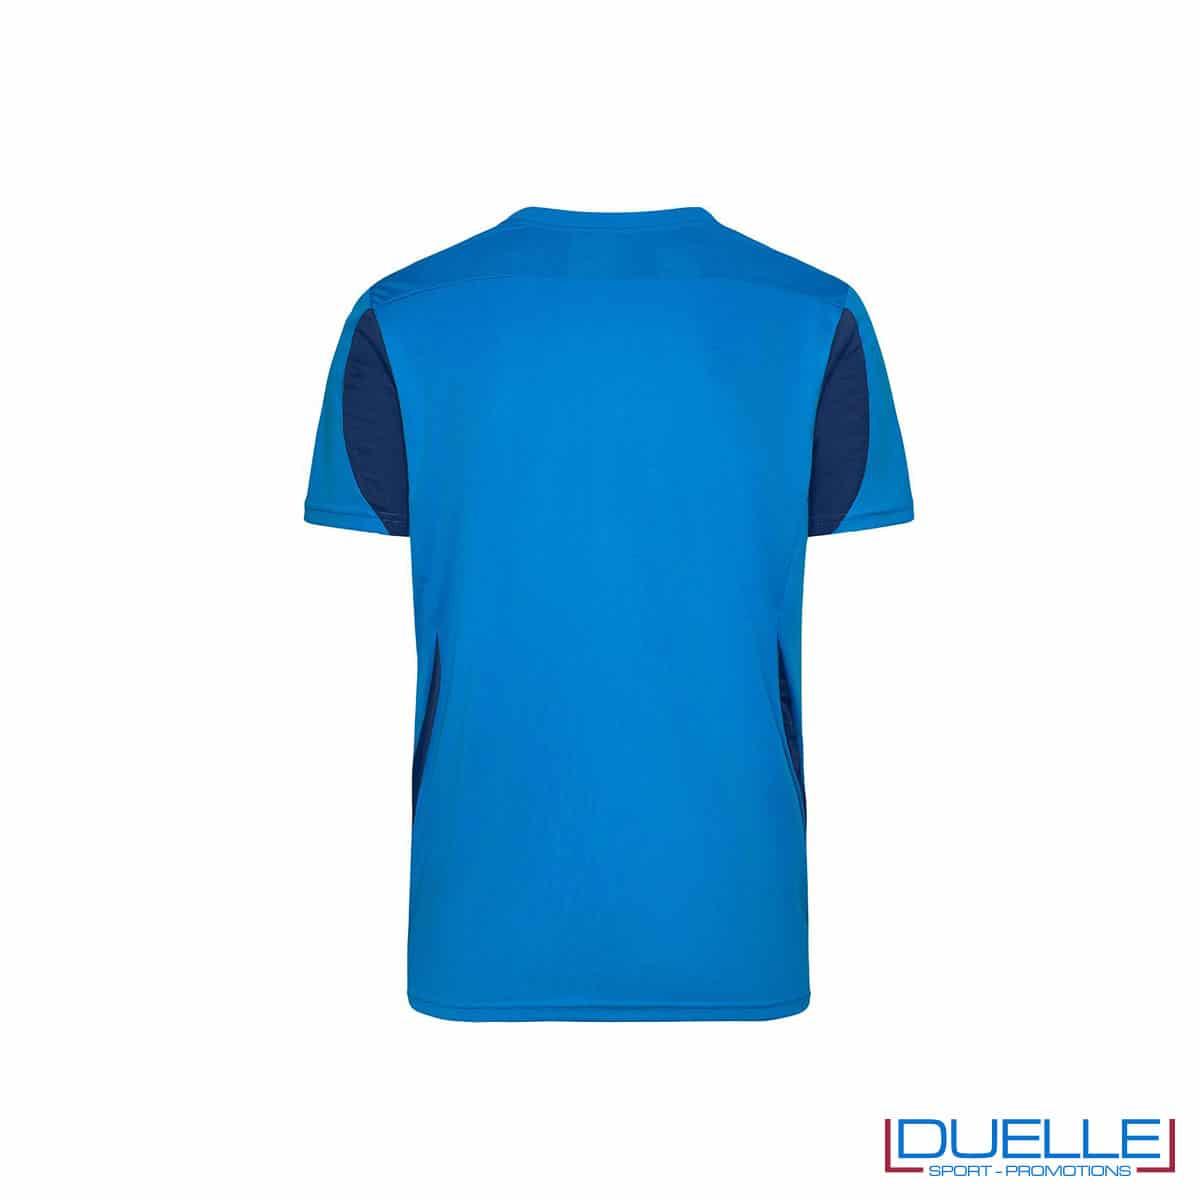 Retro maglia calcio colore azzurro-blu navy promozionale